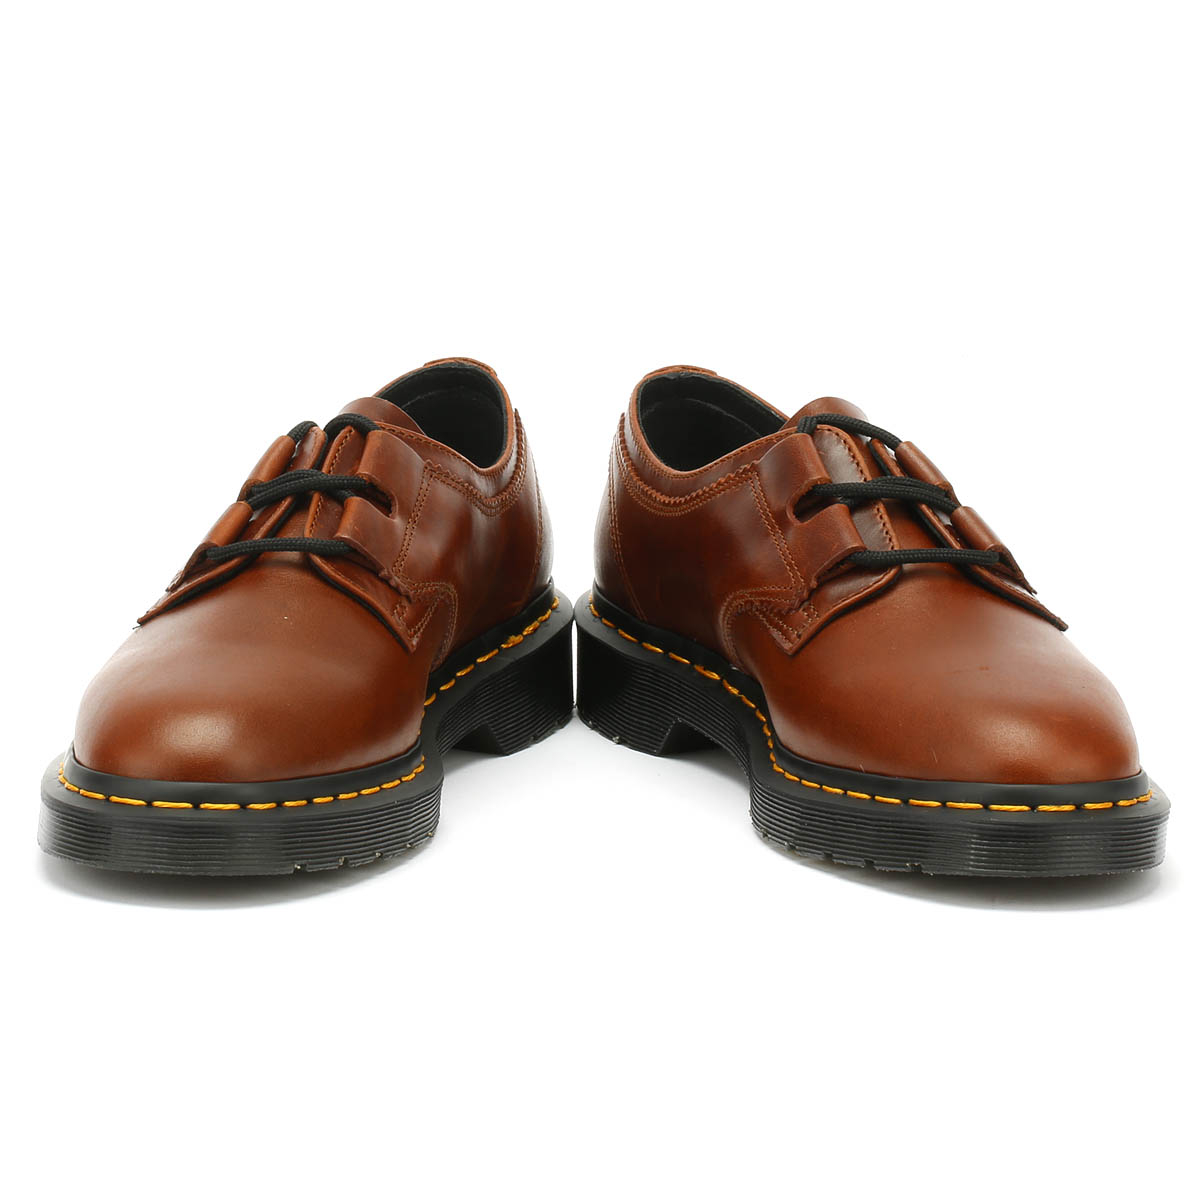 Dr. Martens Unisex Shoes 1461 1461 1461 Ghillie Aqua Glide Cognac Brown Leather Lace Up 1e17d0